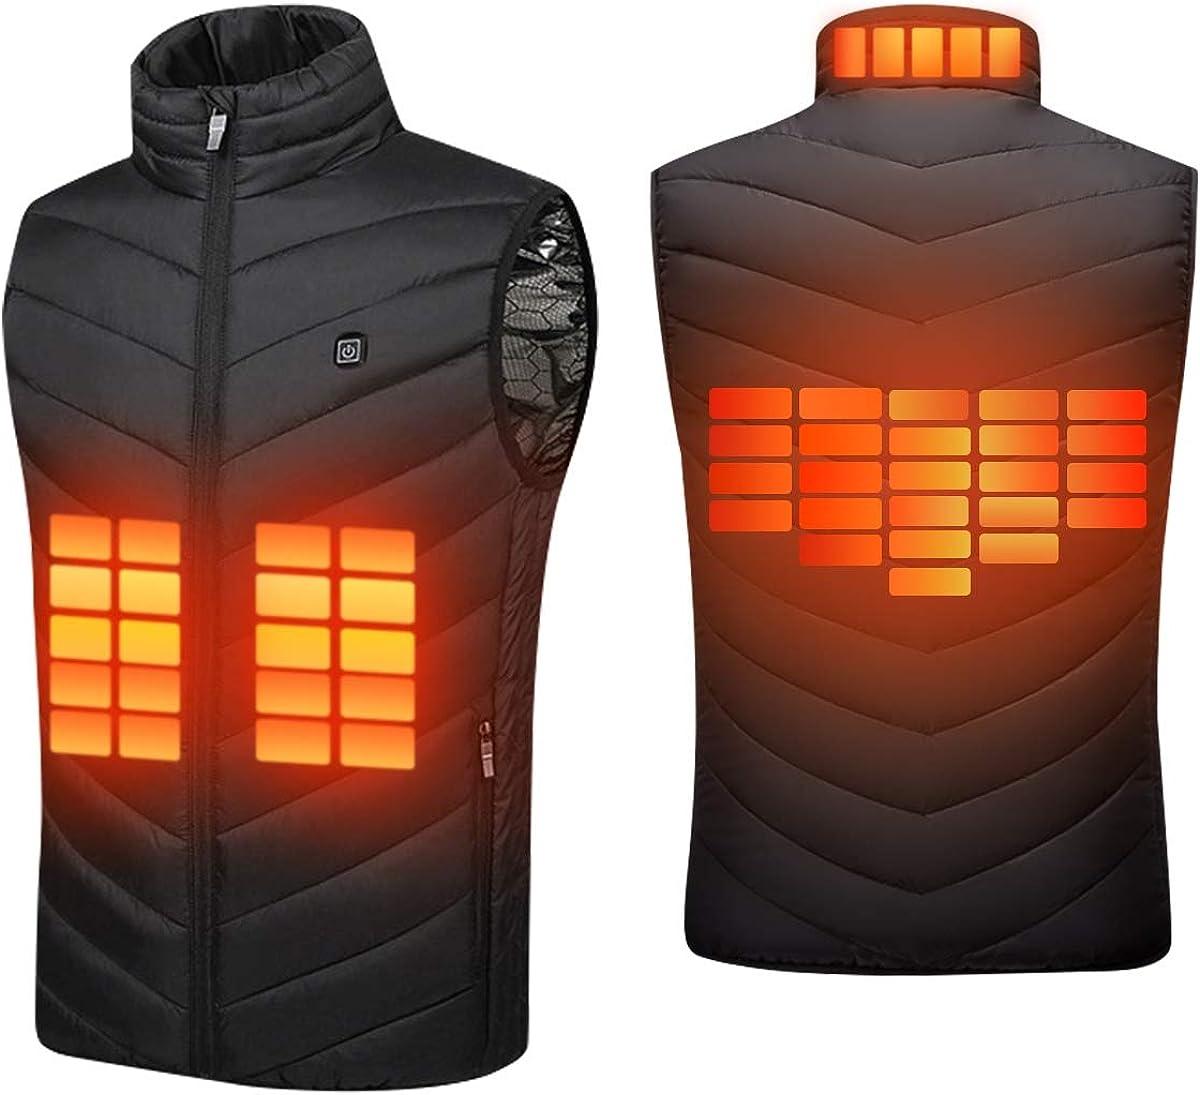 Suxman Chaleco calefactable USB, Chaleco calefactable para Hombres y MujeresTemperatura térmica Ajustable, Carga USB, calefacción de Espalda y Cuello, Chaqueta Invierno- Lavable